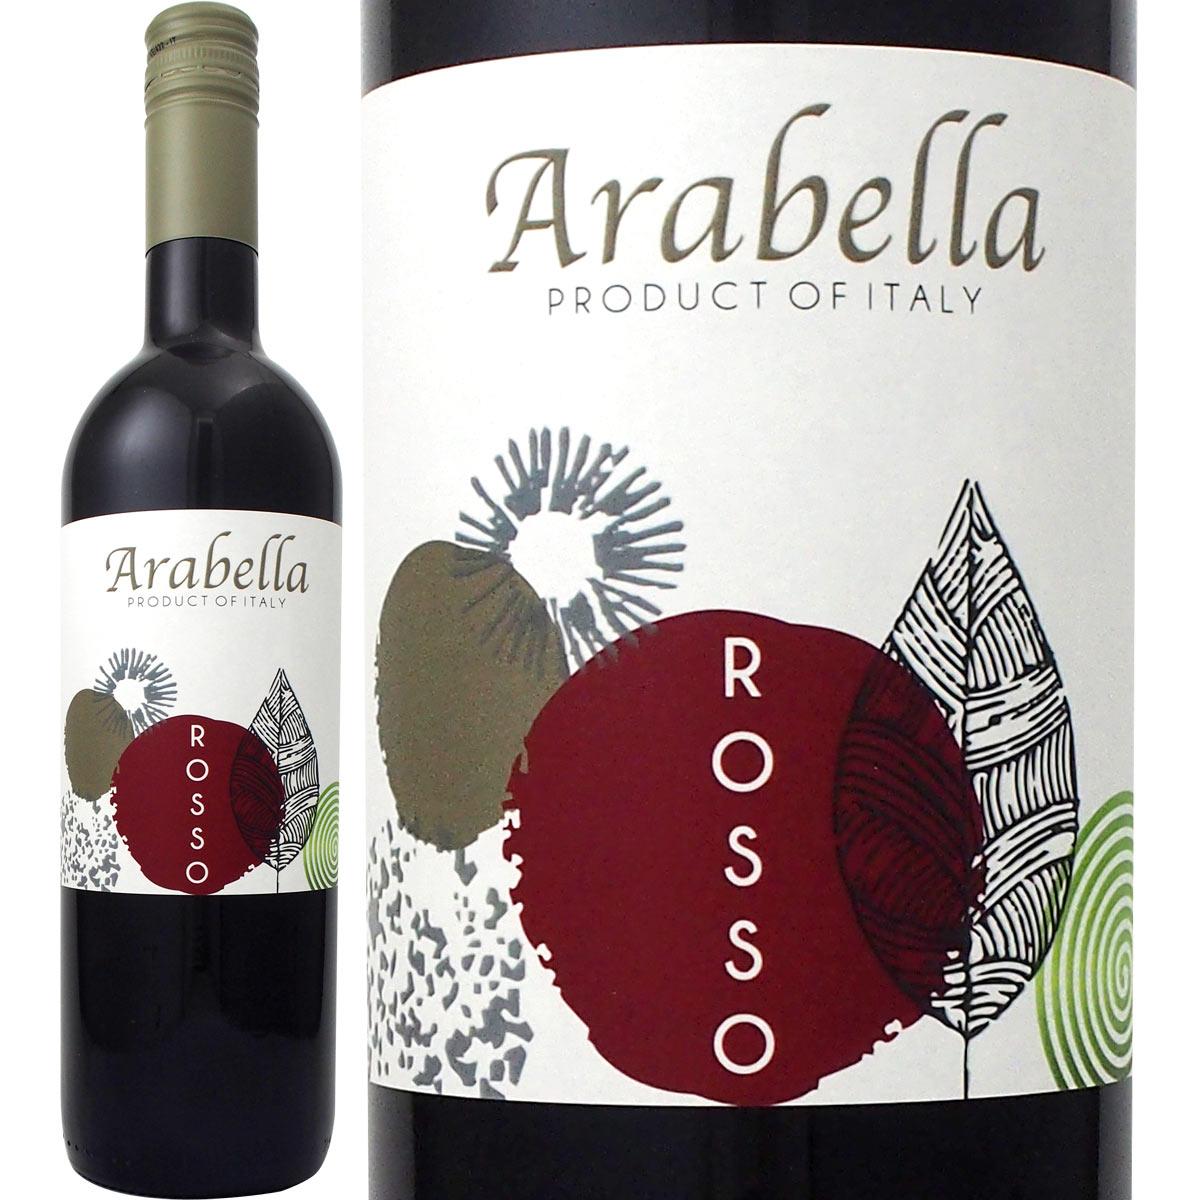 ワイン 赤ワイン ボッター・アラベッラ・ロッソ【イタリア】【赤ワイン】【750ml】【ミディアムボディ】【辛口】